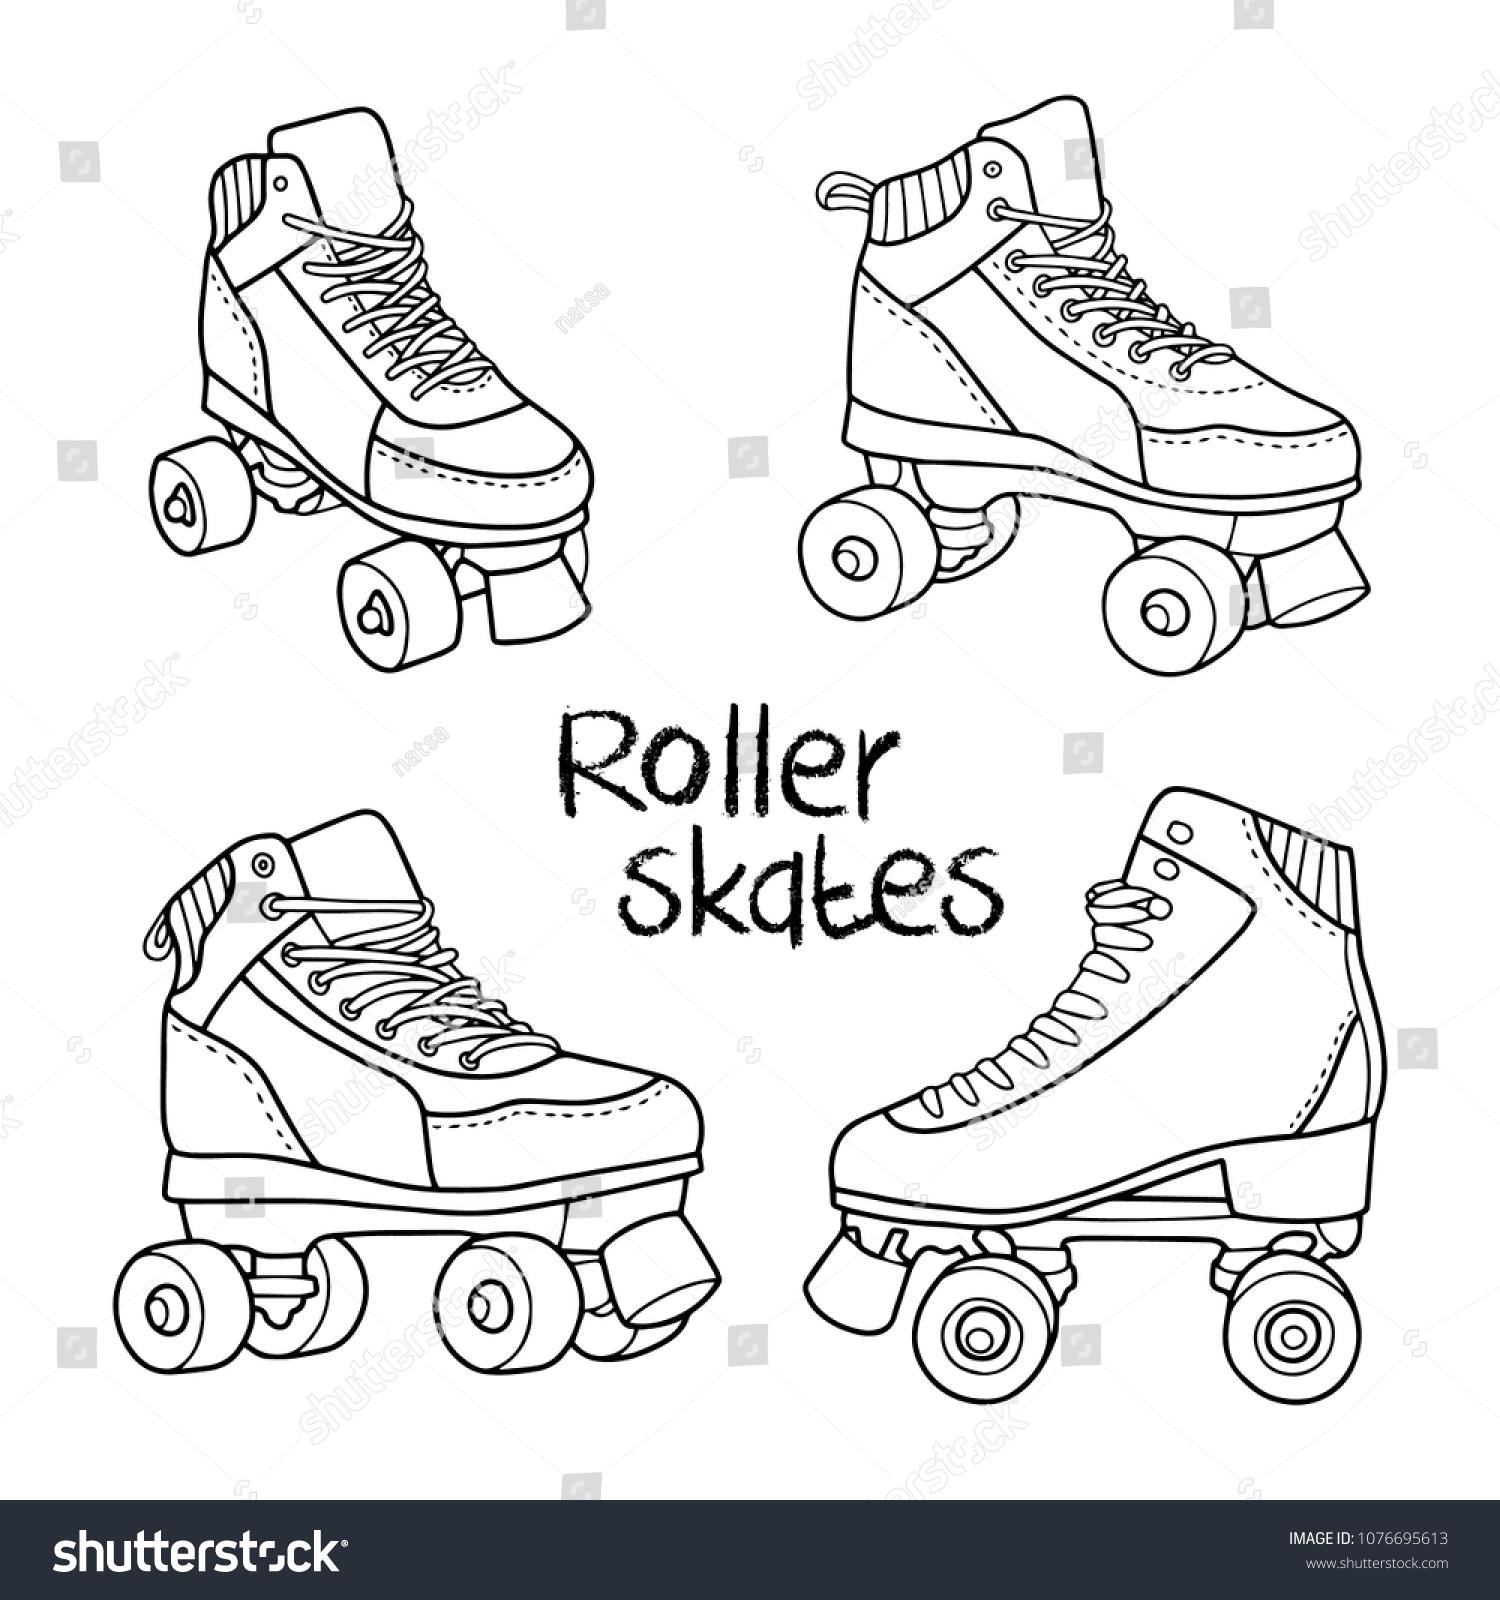 roller derby skates vector set illustration lovely hand drawn image outlines